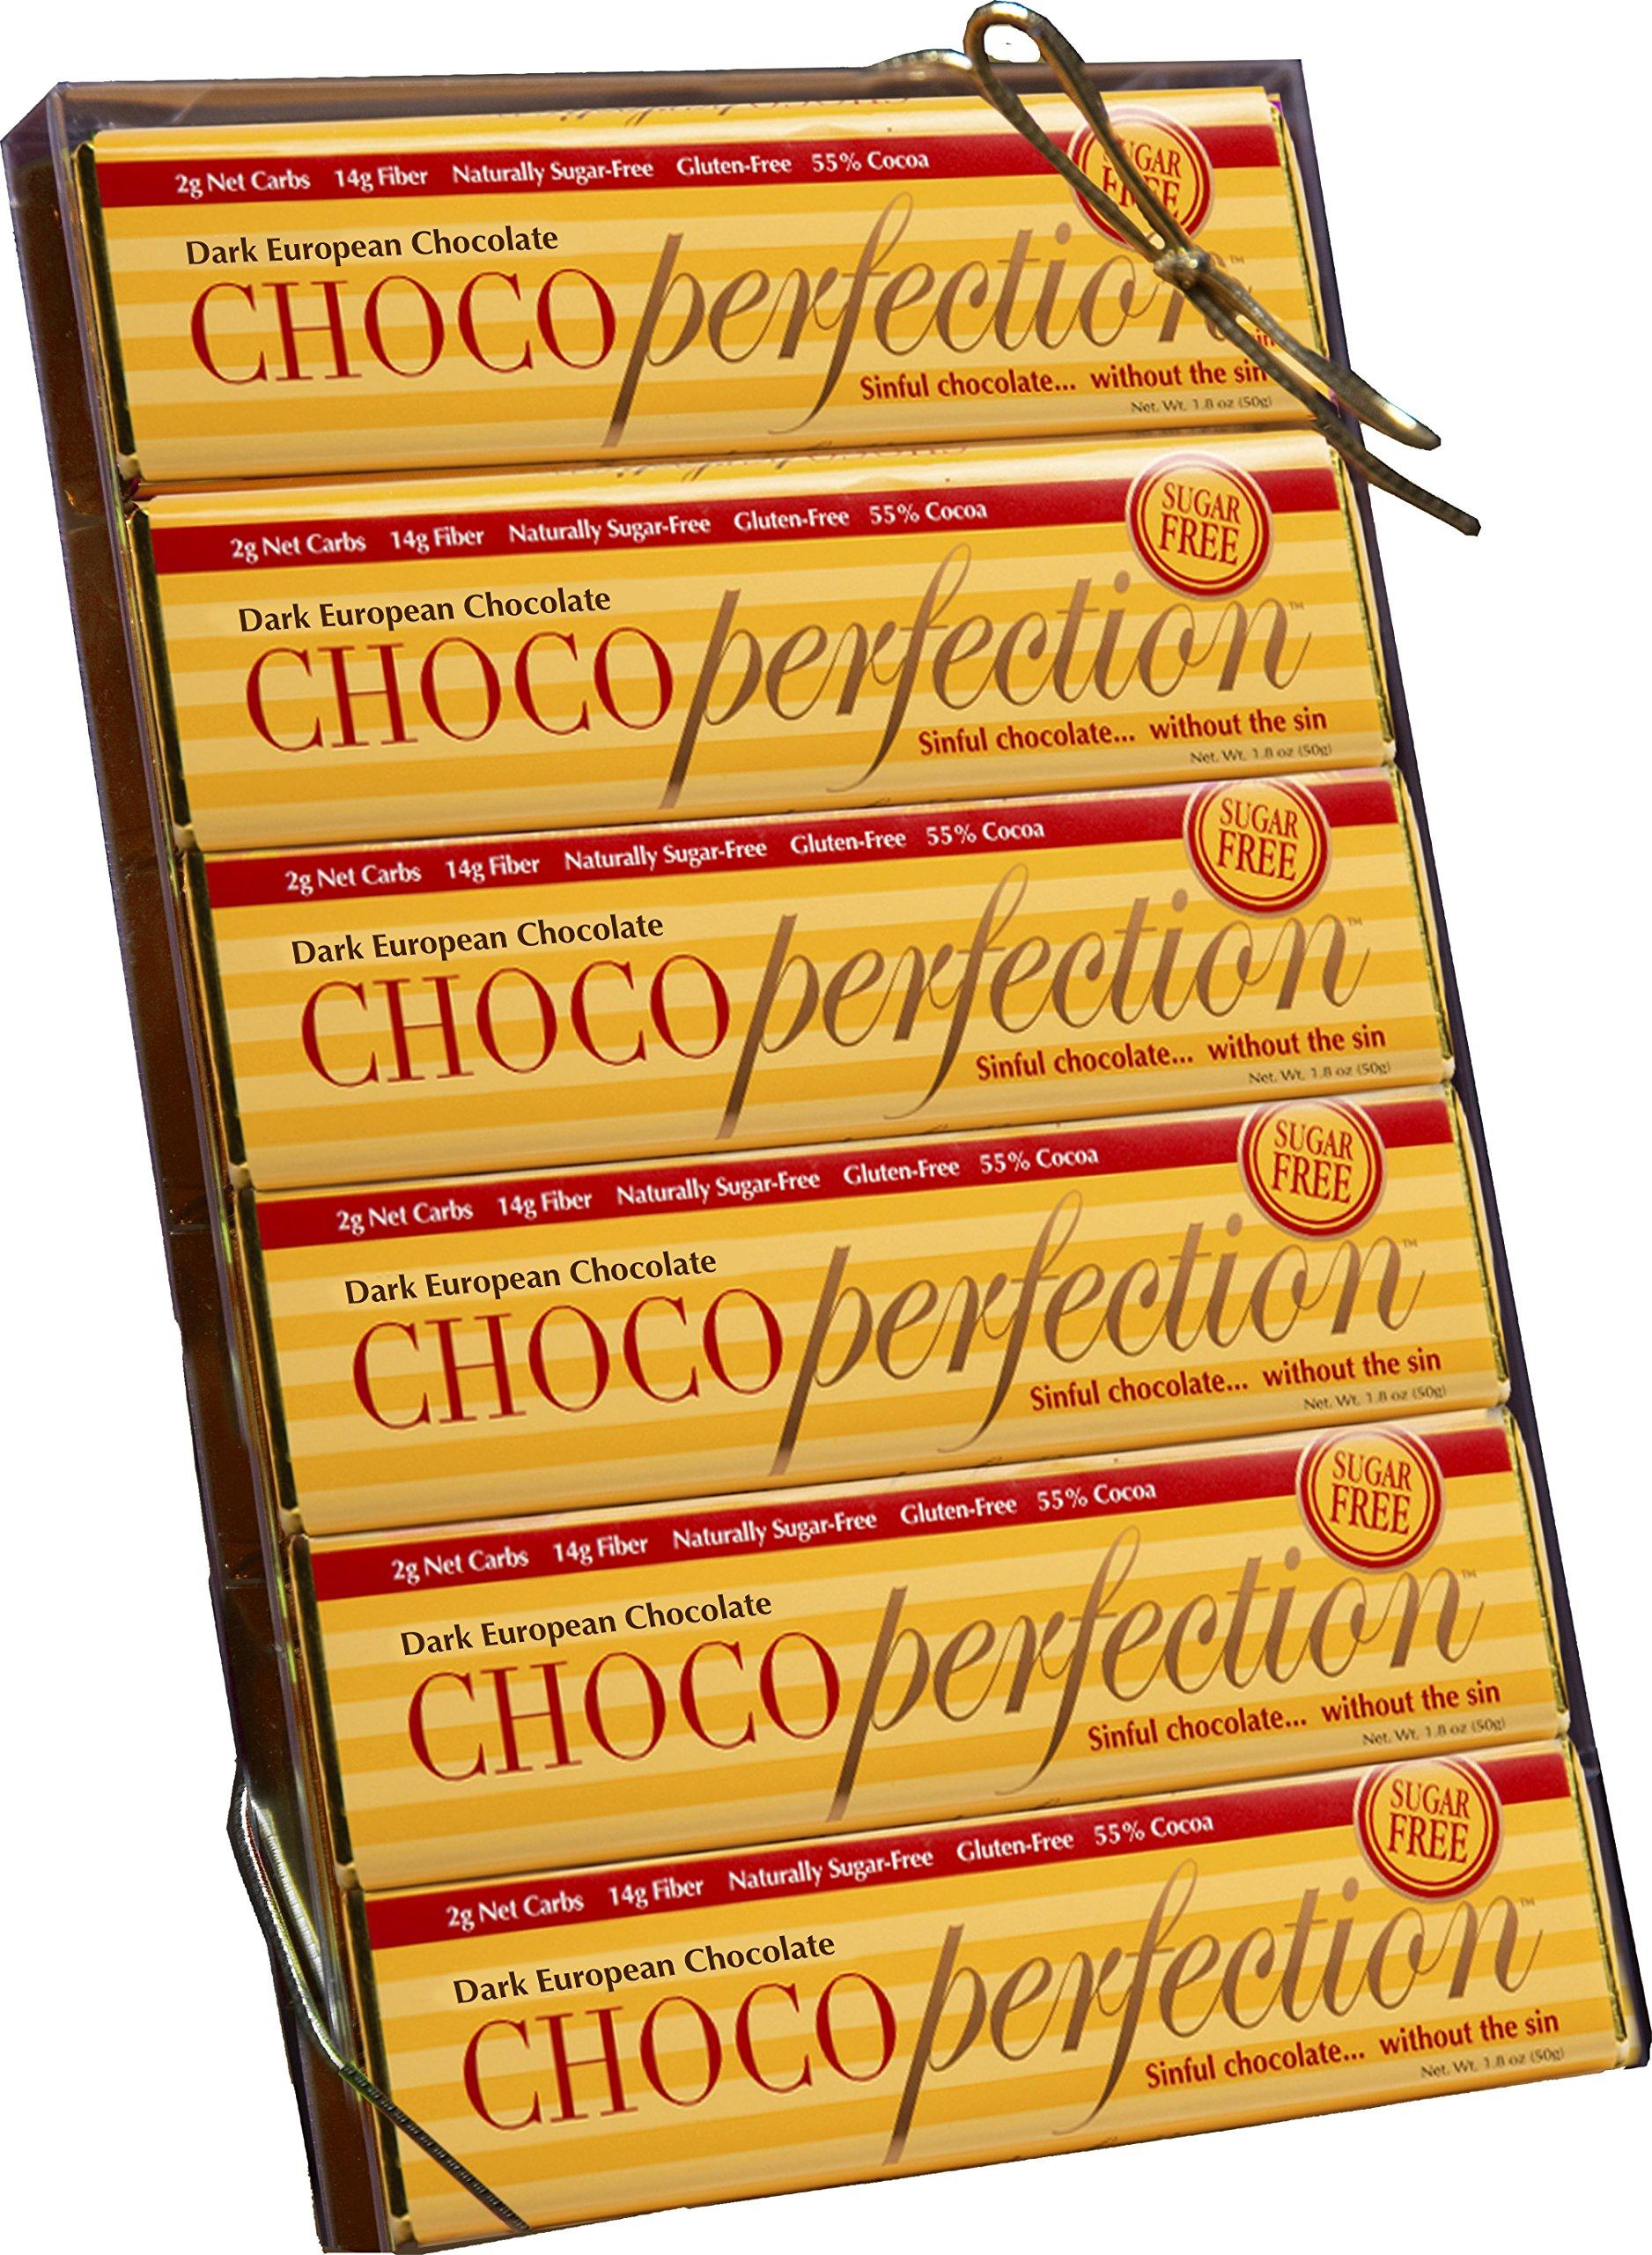 ChocoPerfection Dark Sugar Free Chocolate, Gift Box of 12 50g Bars